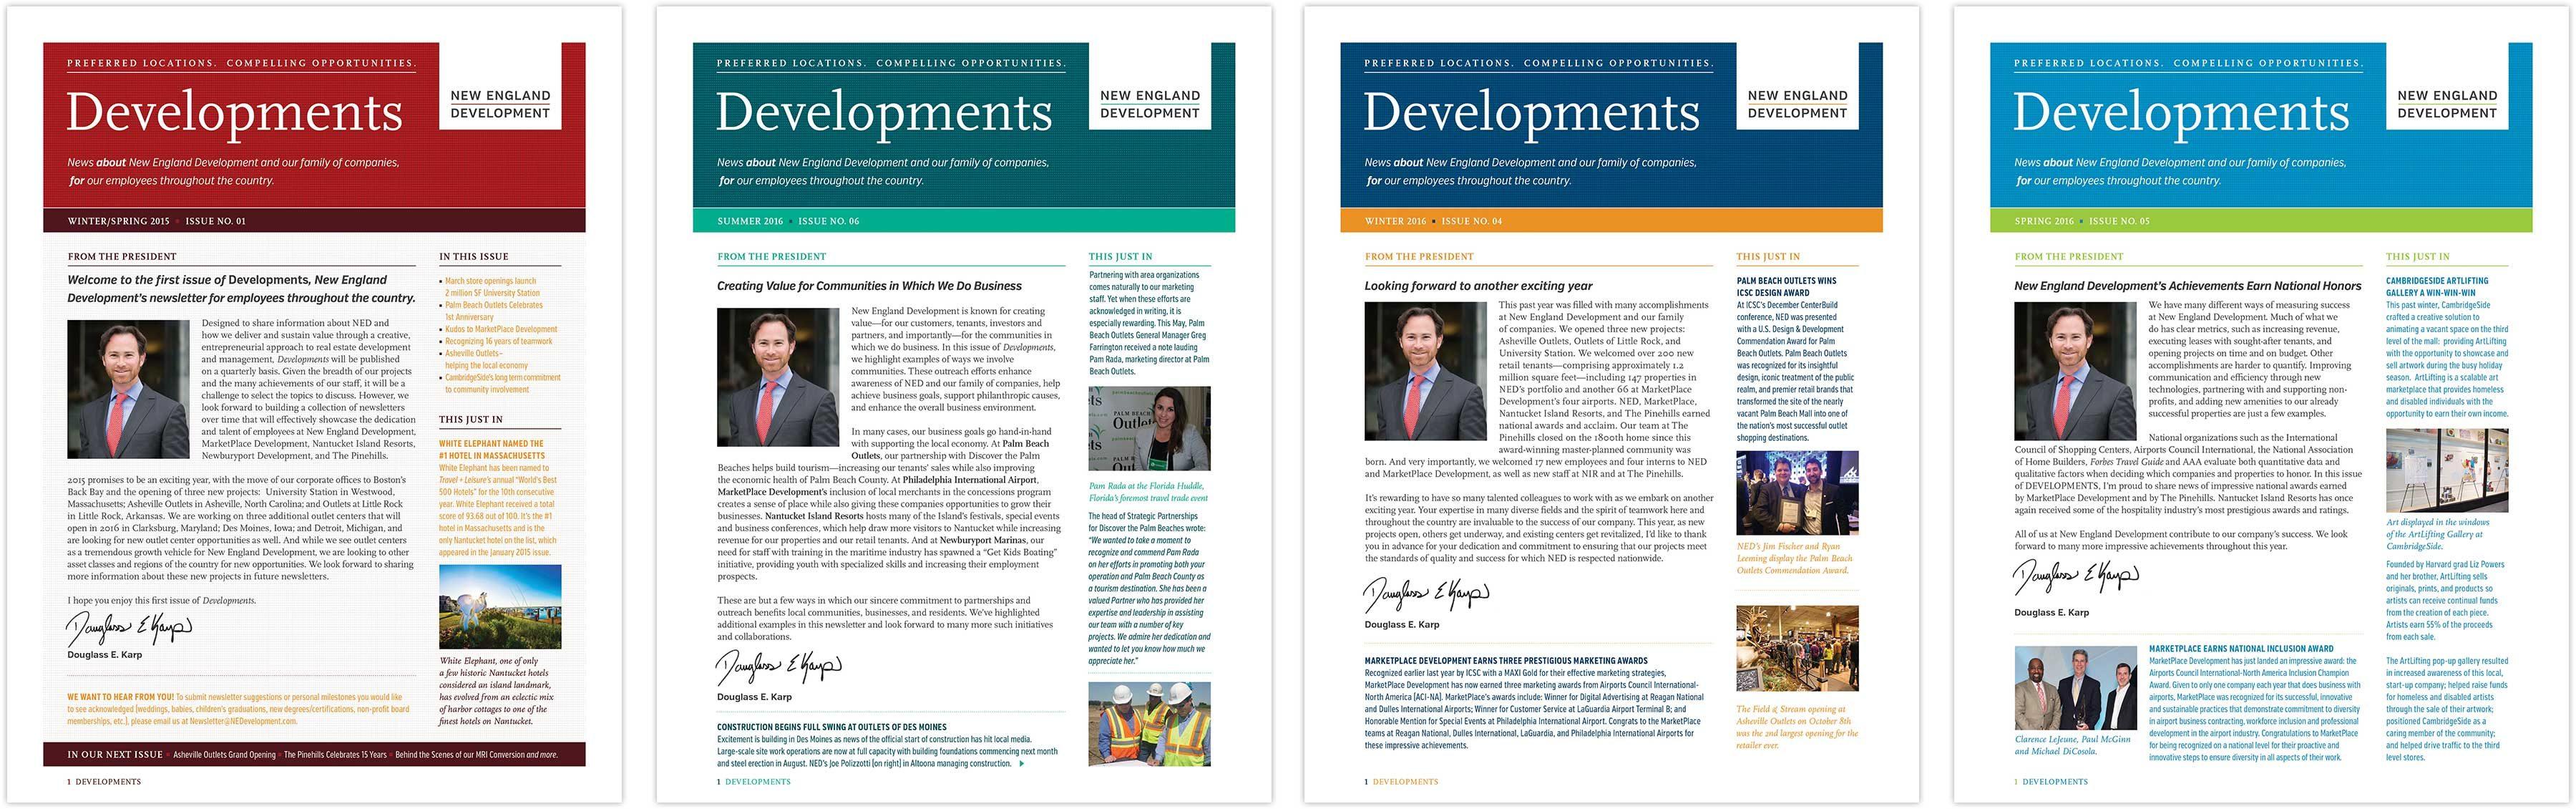 Developments newsletter spread